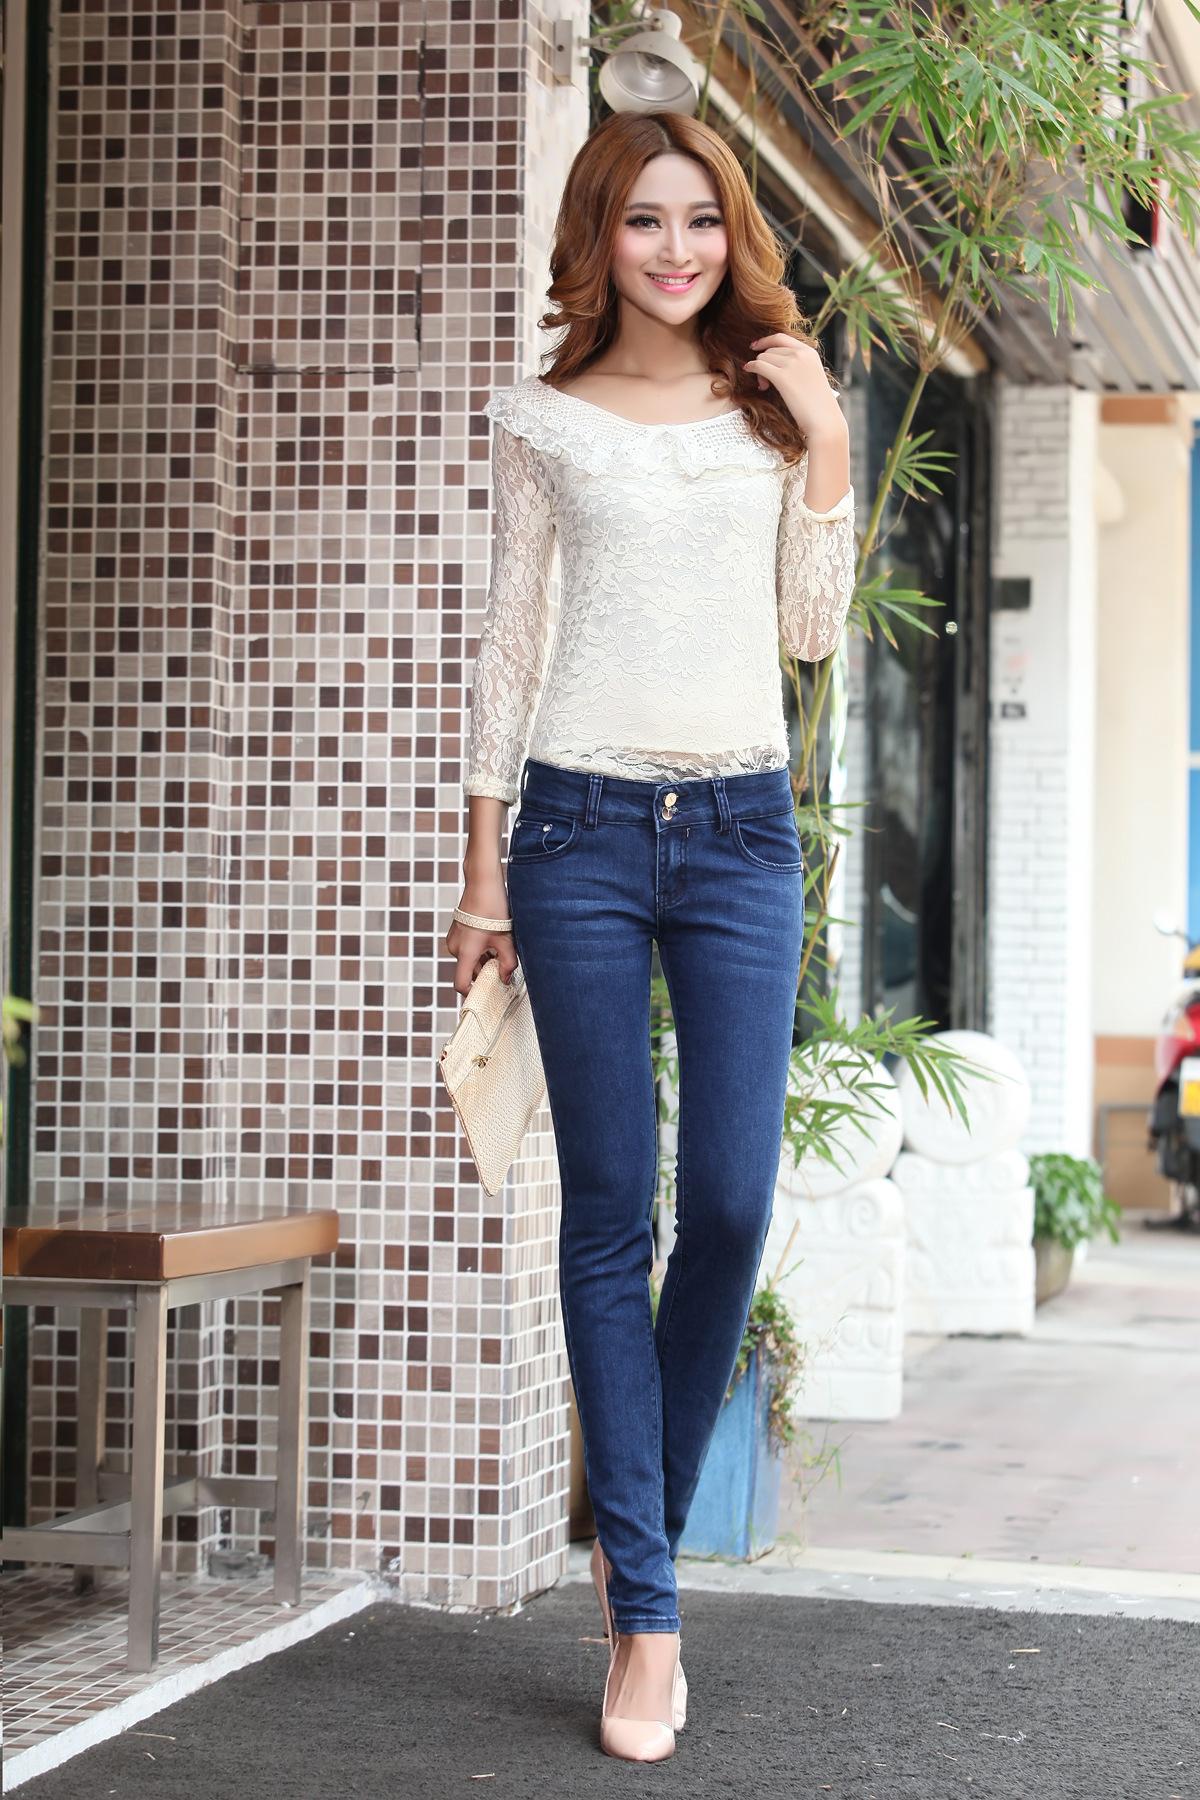 ... 美女牛仔裤热舞_... 牛仔裤女长裤韩国女士牛仔裤